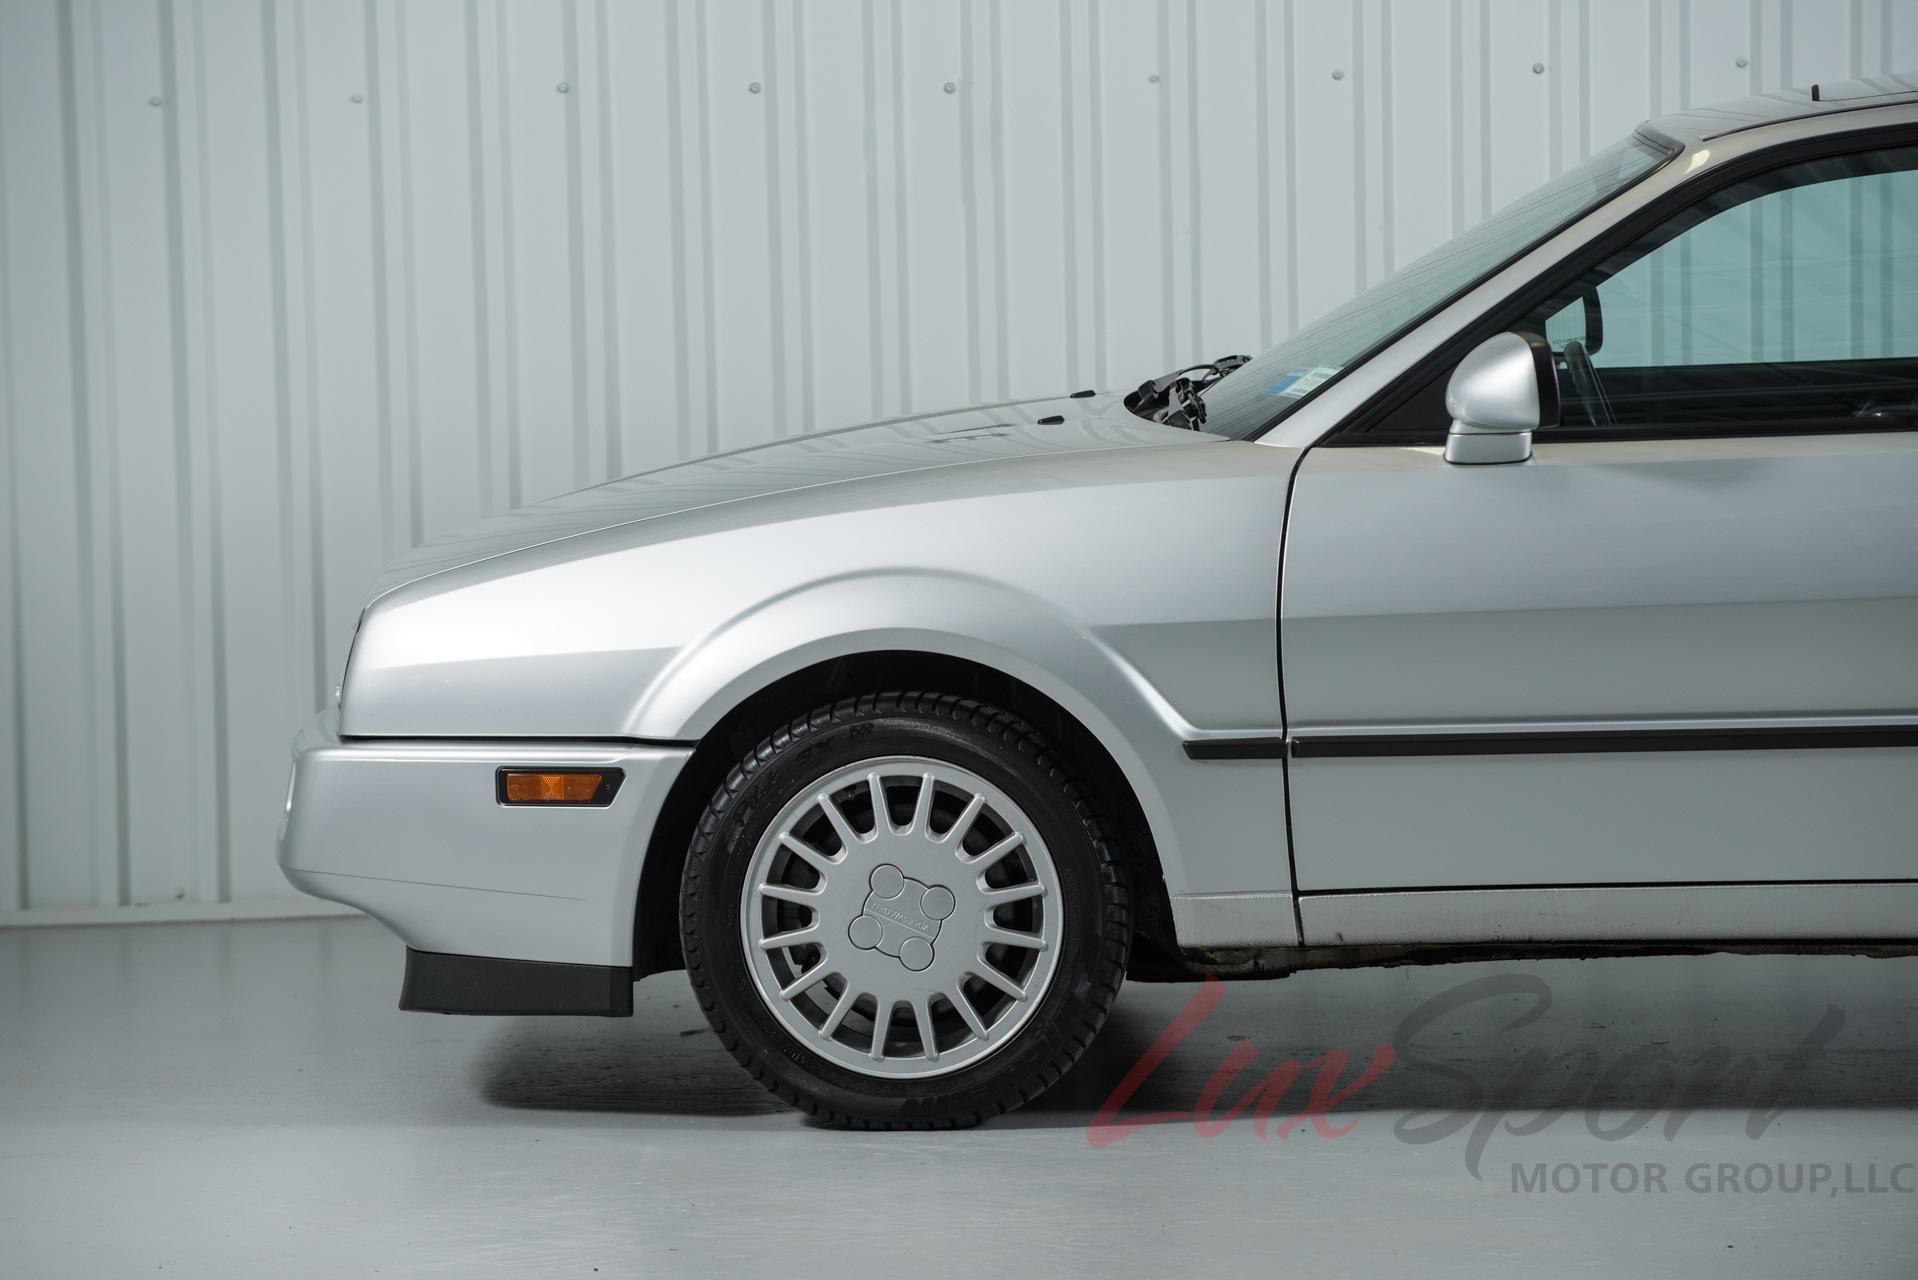 Audi R8 V10 Plus A Subtle Beauty In Florett Silver